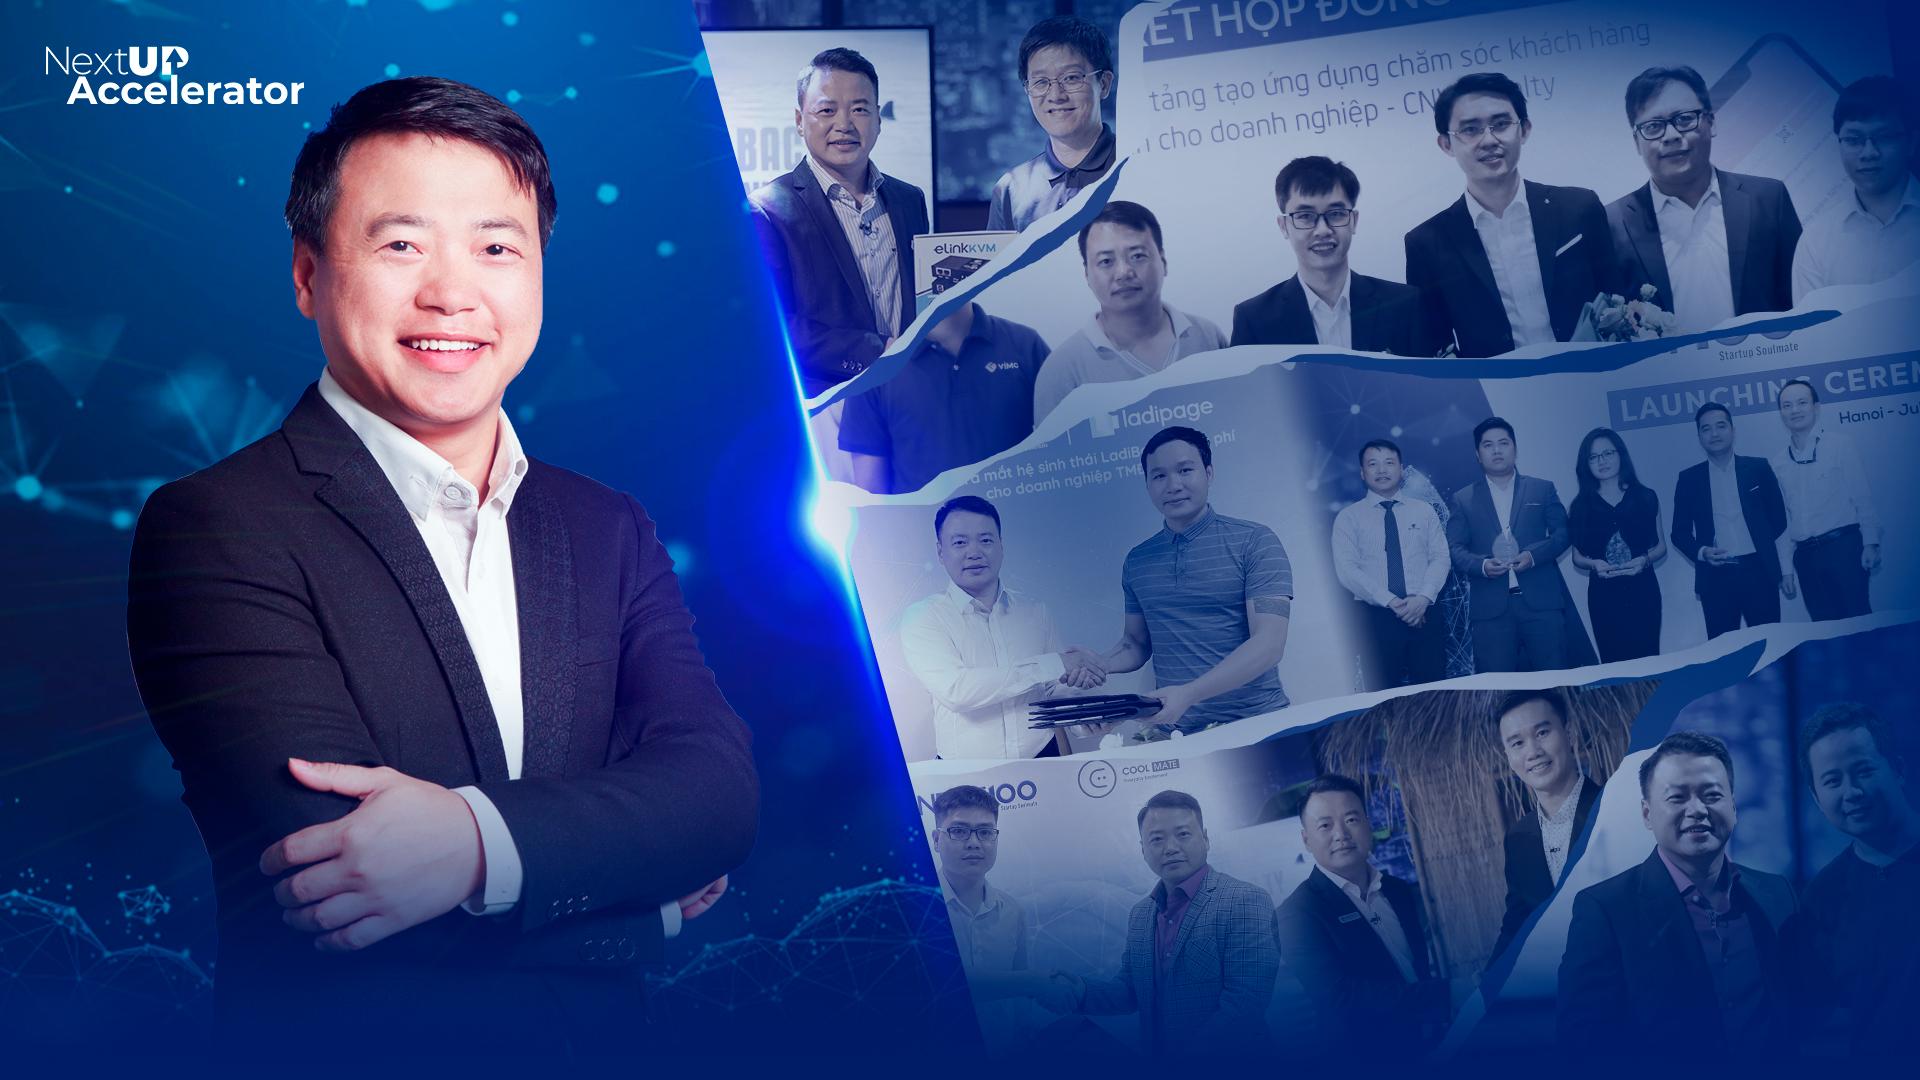 Tham gia chương trình huấn luyện khởi nghiệp NextUP Accelerator, startup có cơ hội được rót vốn tới 500.000 USD từ Next100 Ventures và các nhà đầu tư chiến lược.